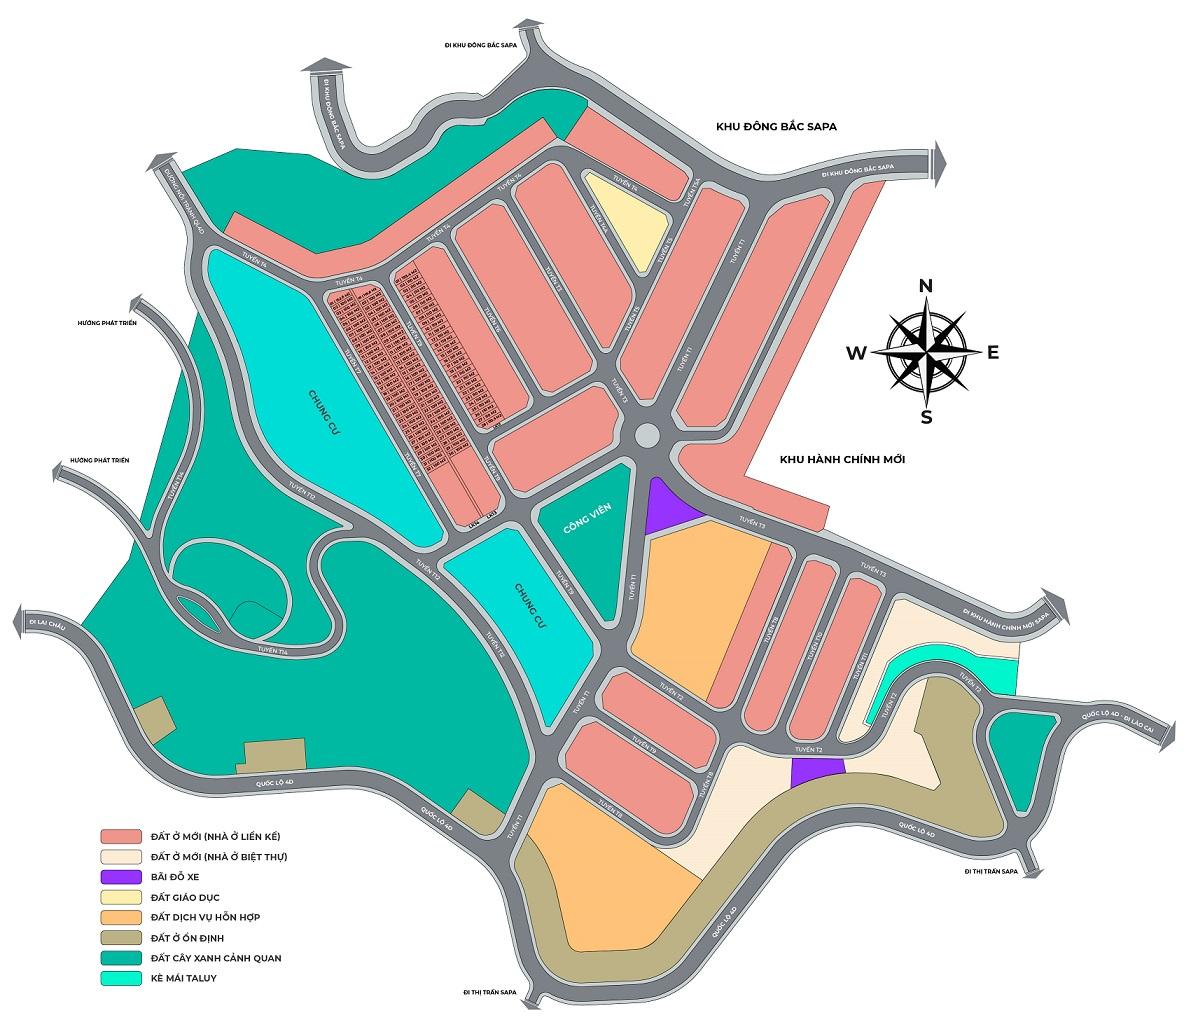 Mặt bằng Dự án Sapa Garden Hills